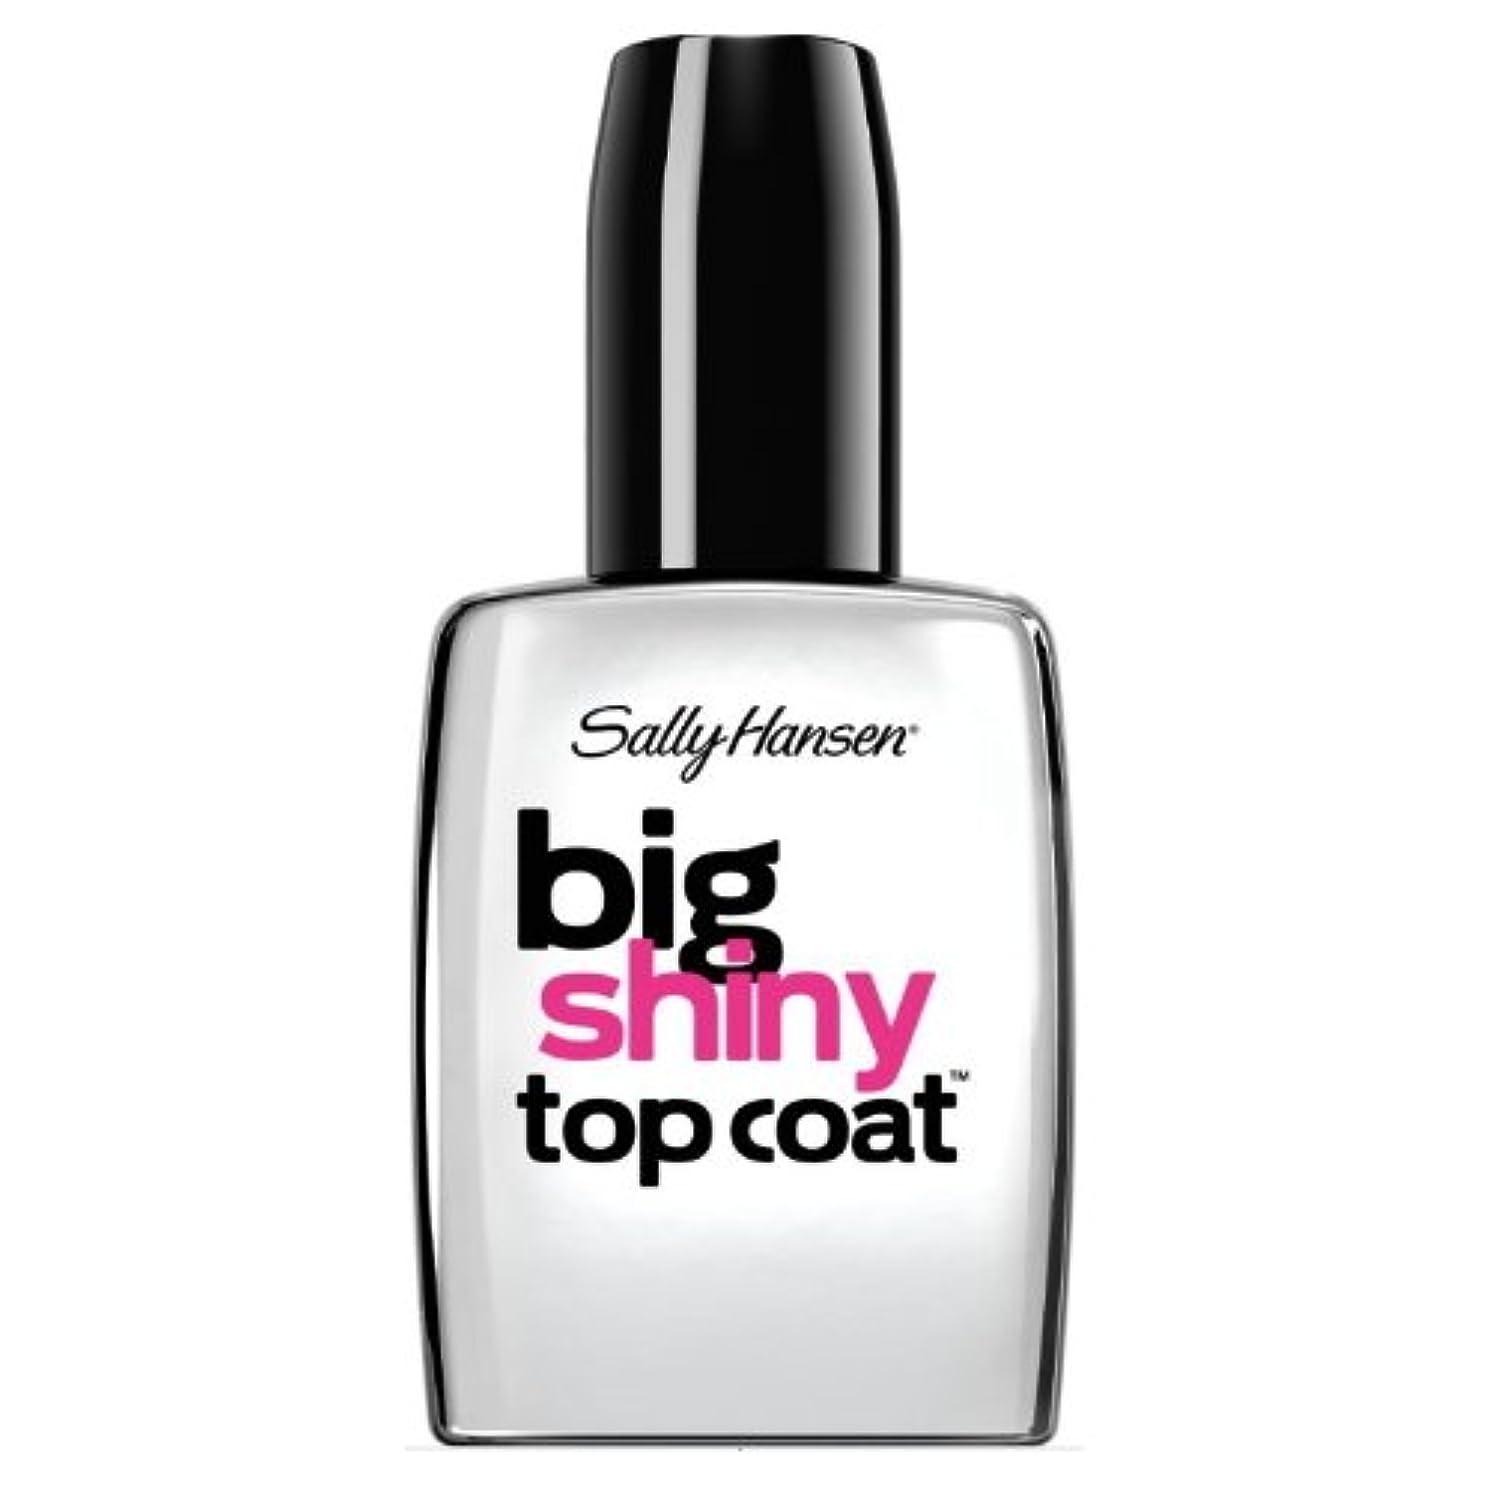 公爵刈り取るオークション(6 Pack) SALLY HANSEN Big Shiny Top Coat - Shiny Top Coat (並行輸入品)